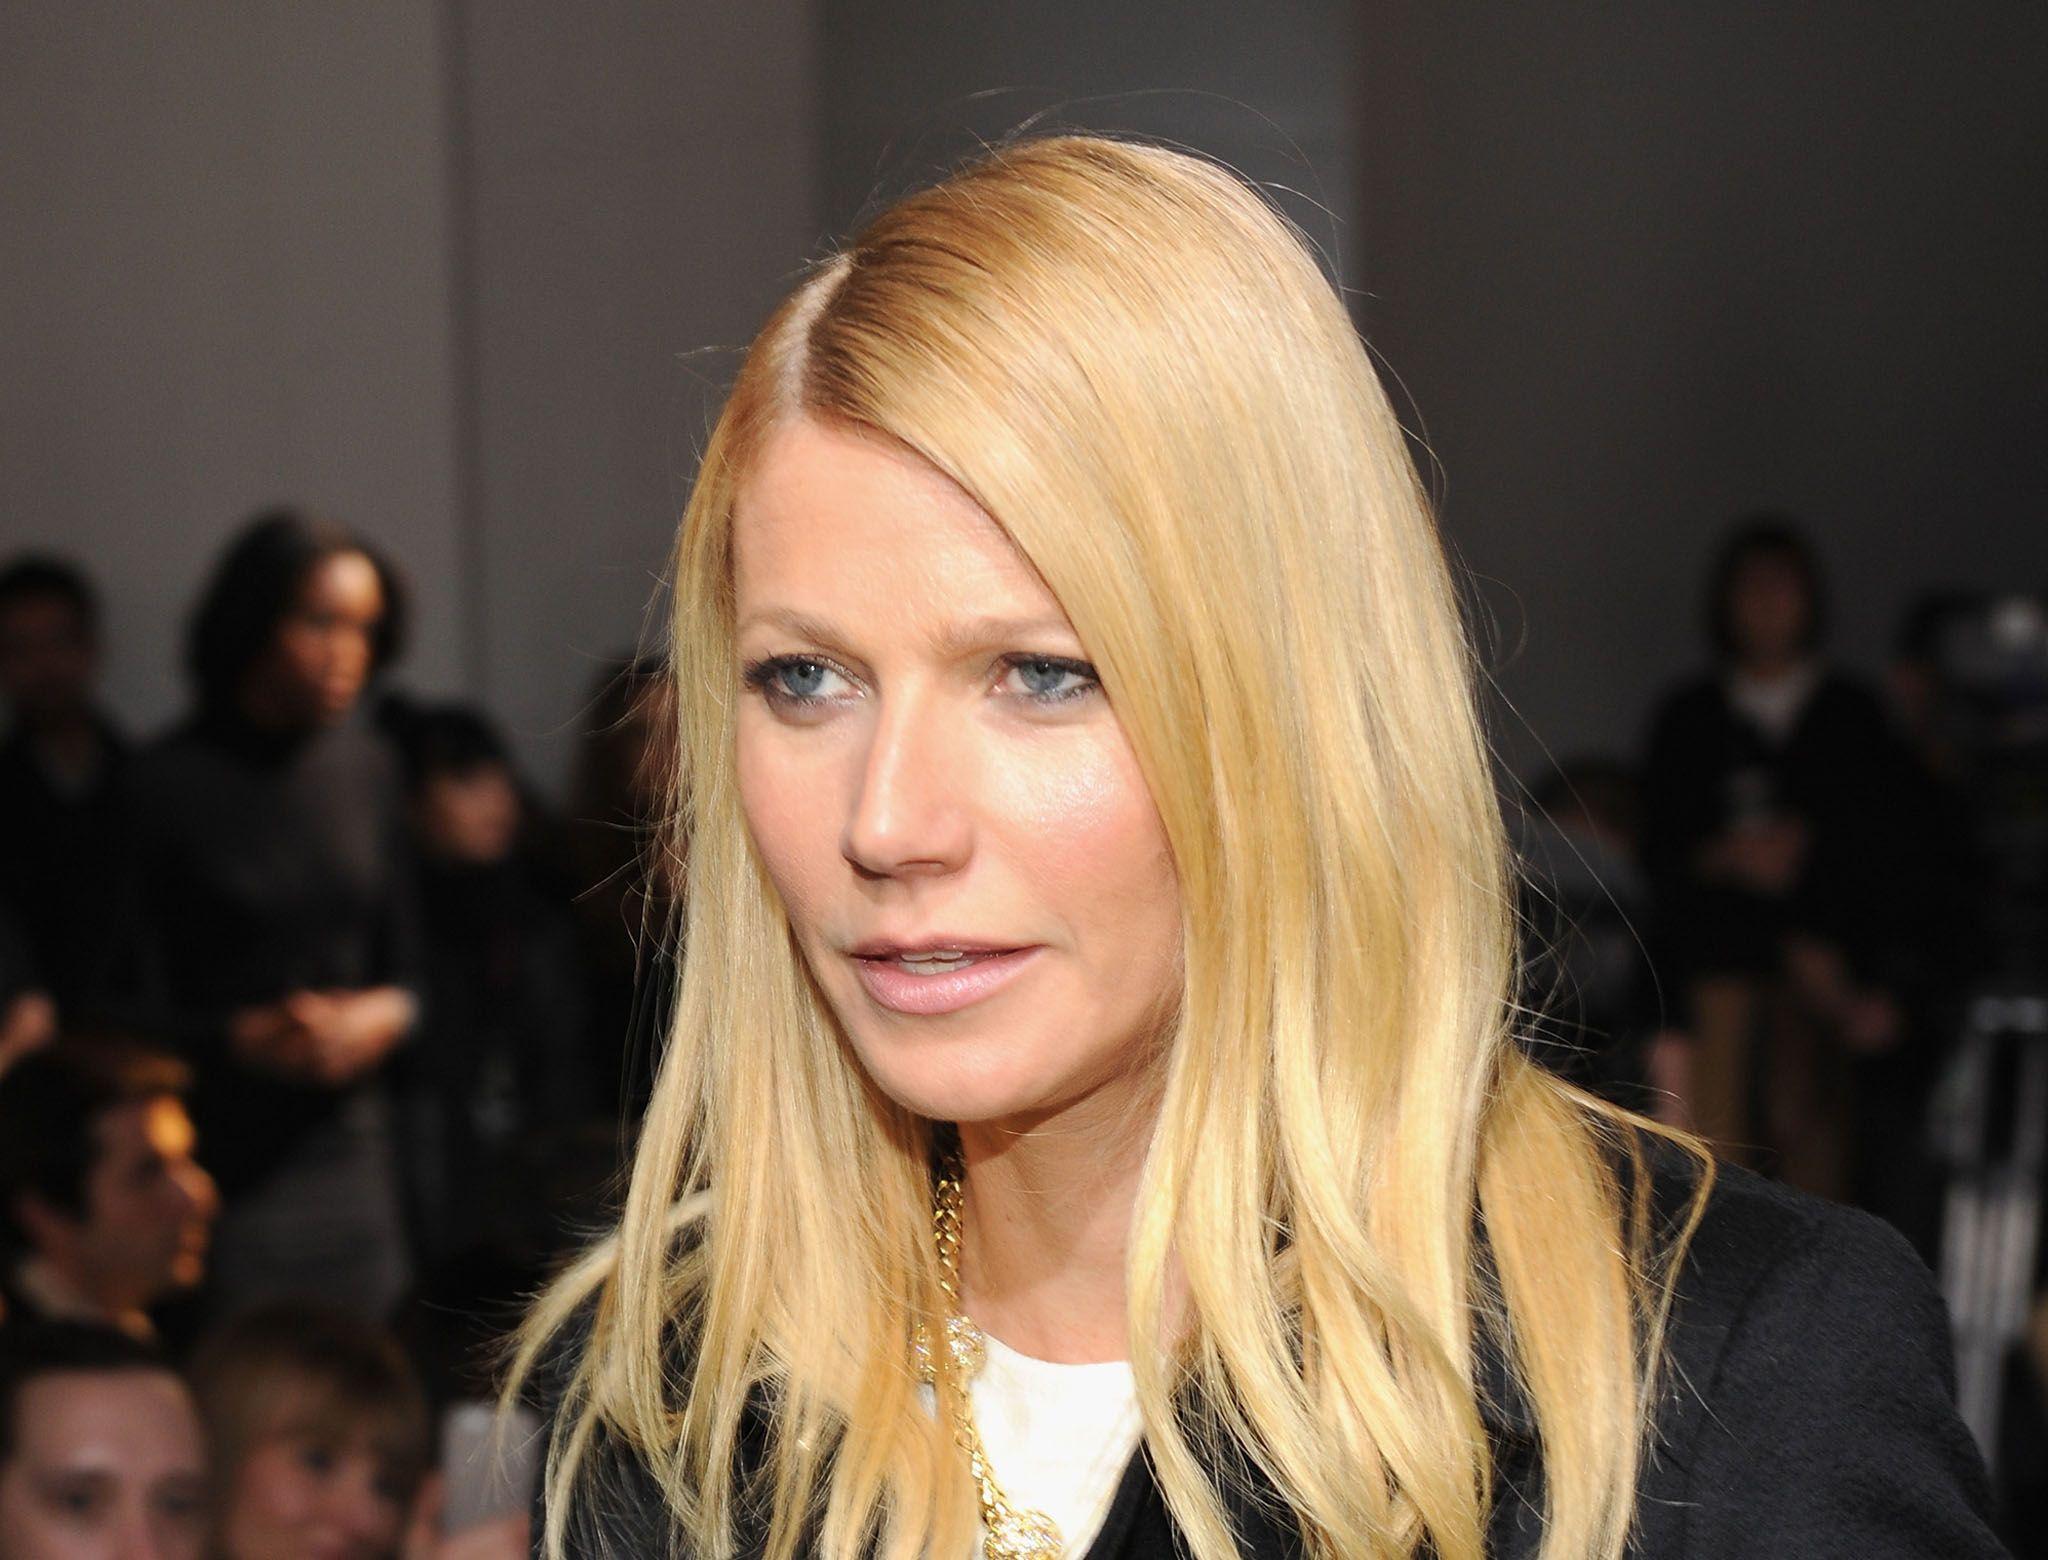 El exótico secreto de belleza de Gwyneth Paltrow